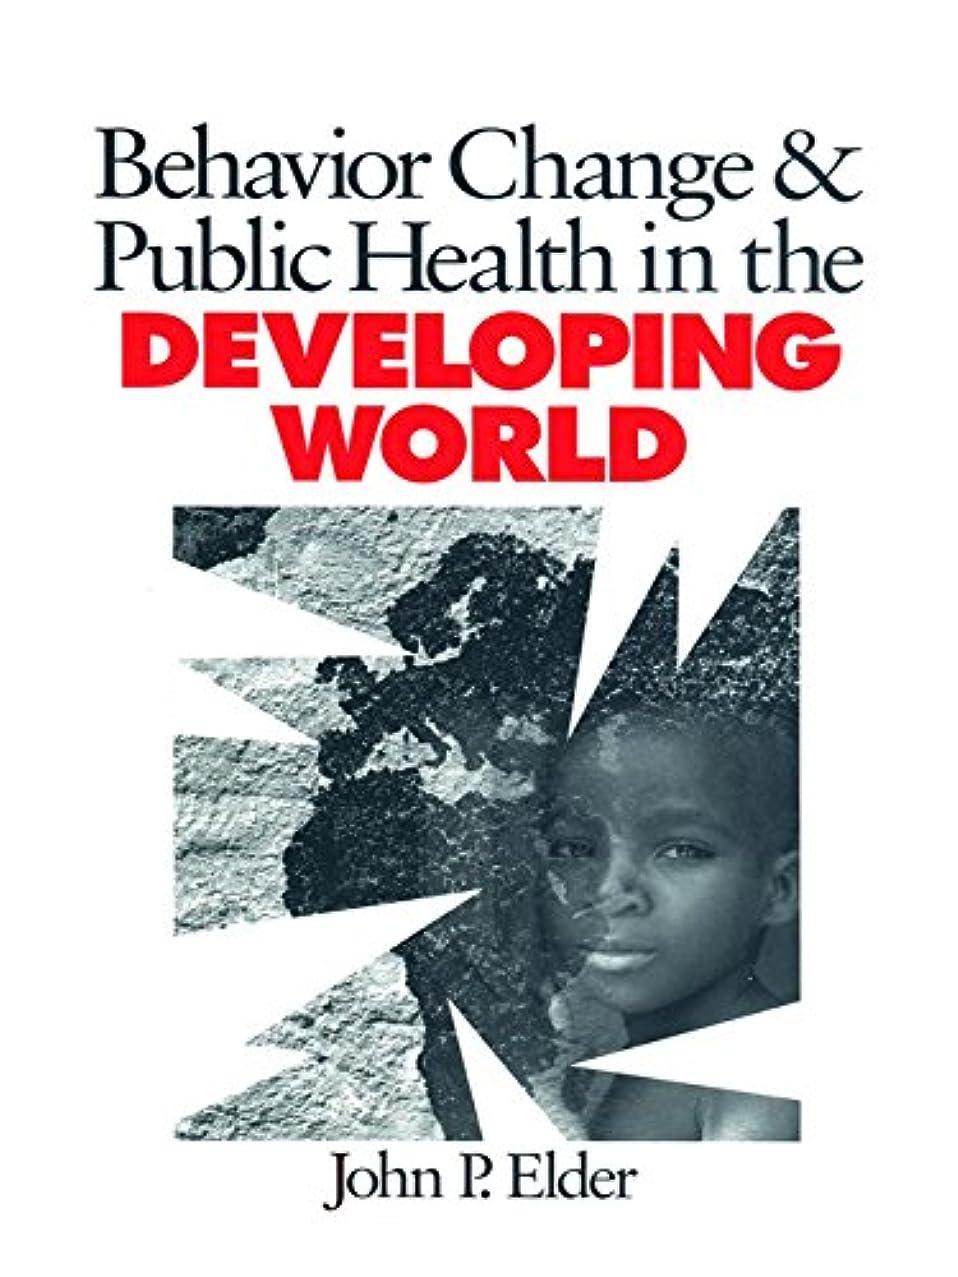 試みる宝石拒否Behavior Change and Public Health in the Developing World (Behavioral Medicine and Health Psychology Book 4) (English Edition)